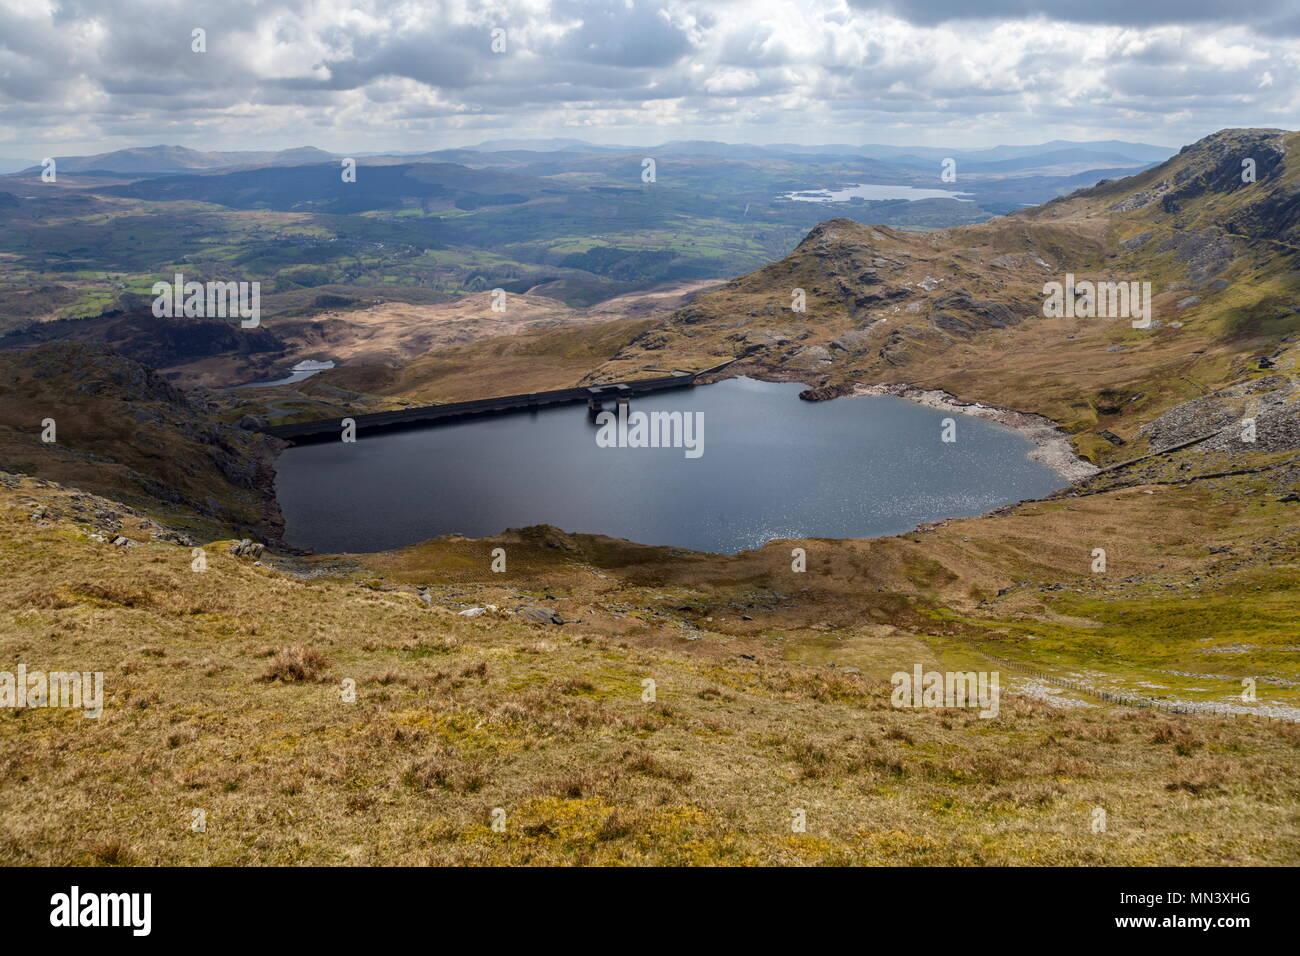 Llyn Stwlan the upper reservoir of the Ffestiniog Hydro electric pump storage station sitting near the summits of Moelwyn Mawr and Moelwyn Bach - Stock Image